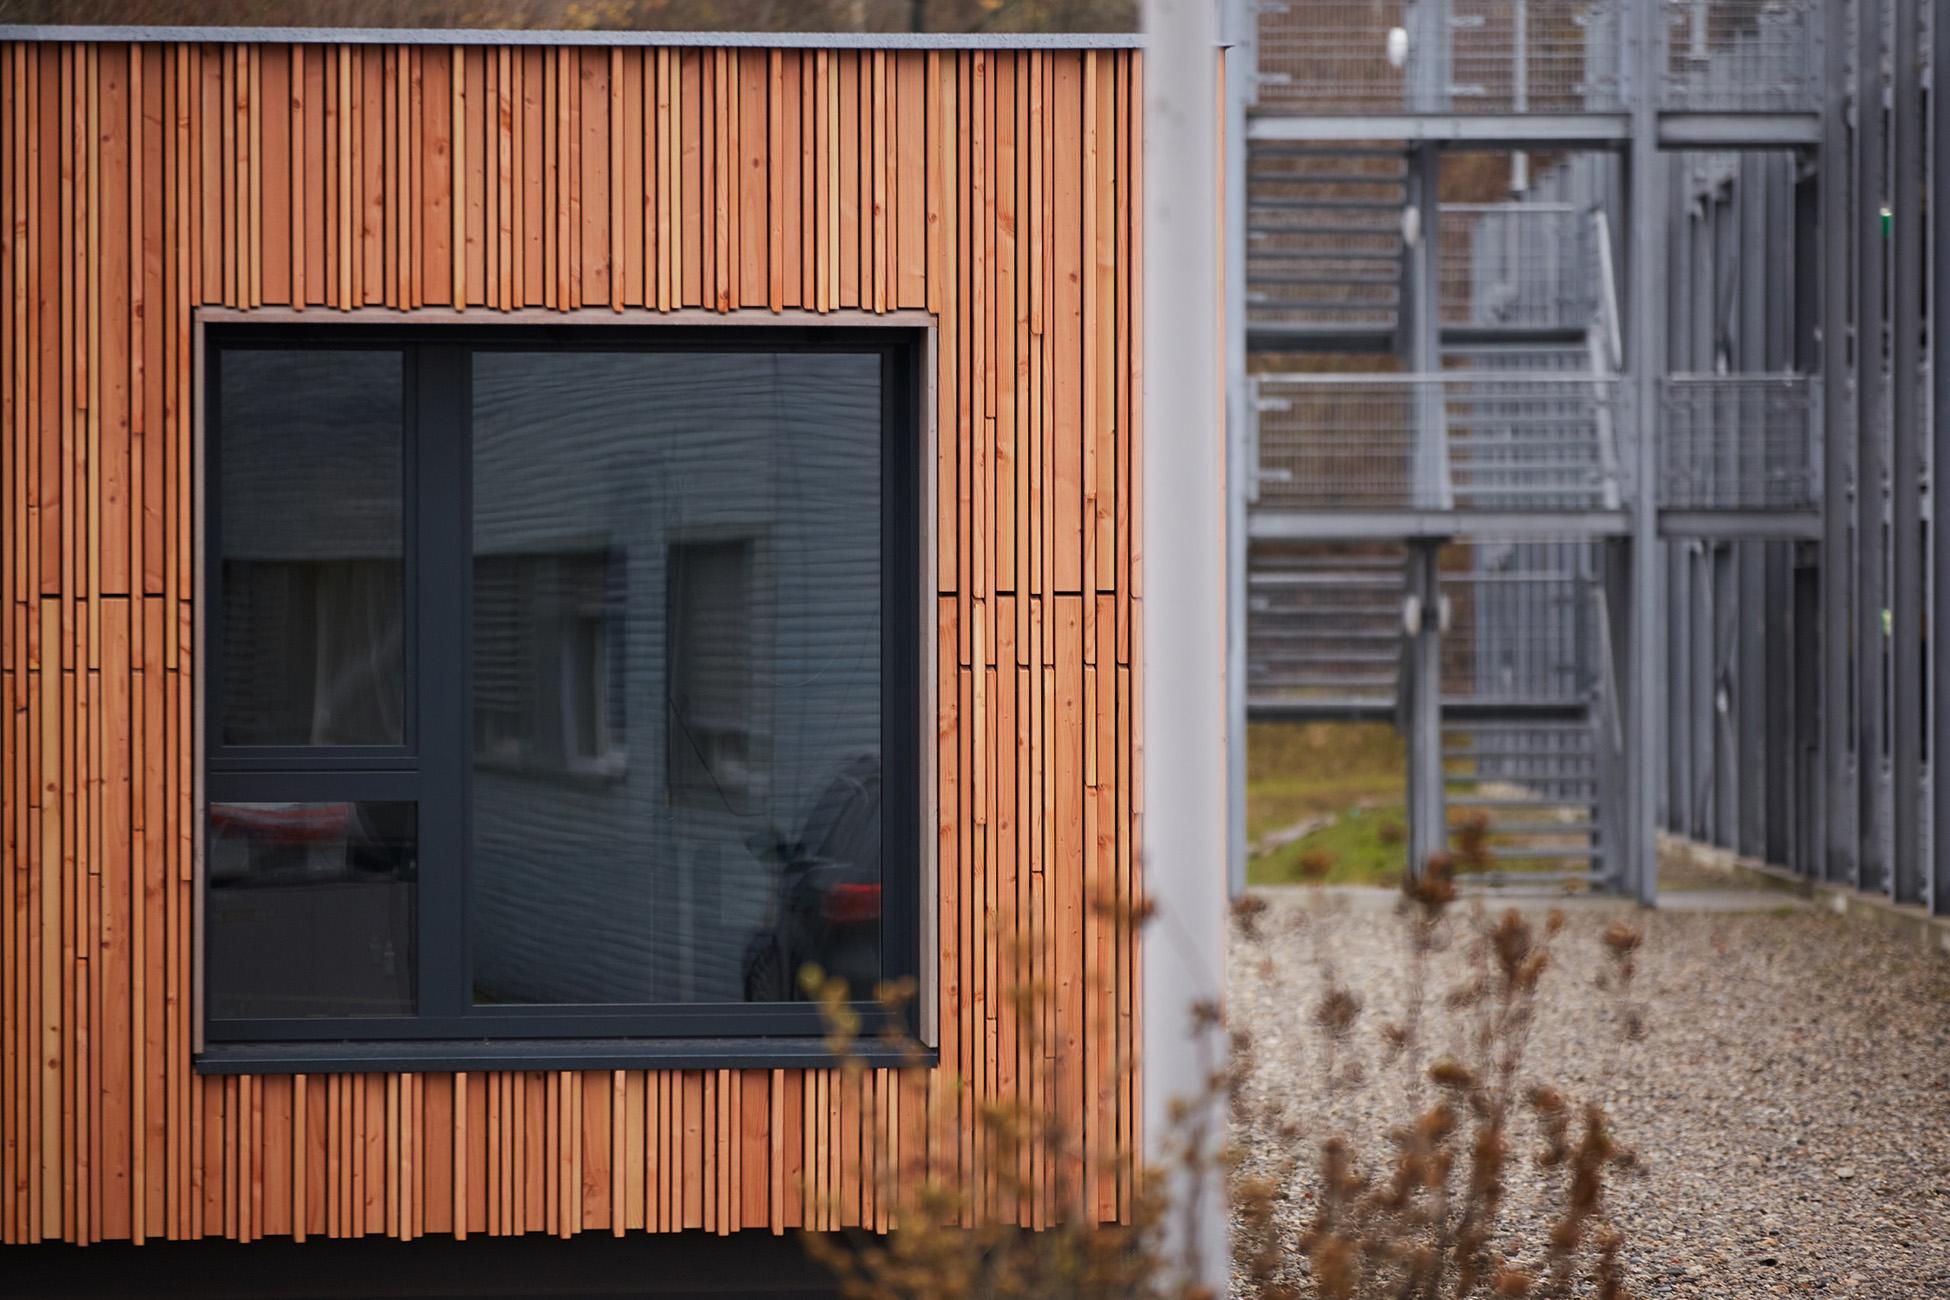 Auschnitt, Fenster, Baubüro Saig in Stein